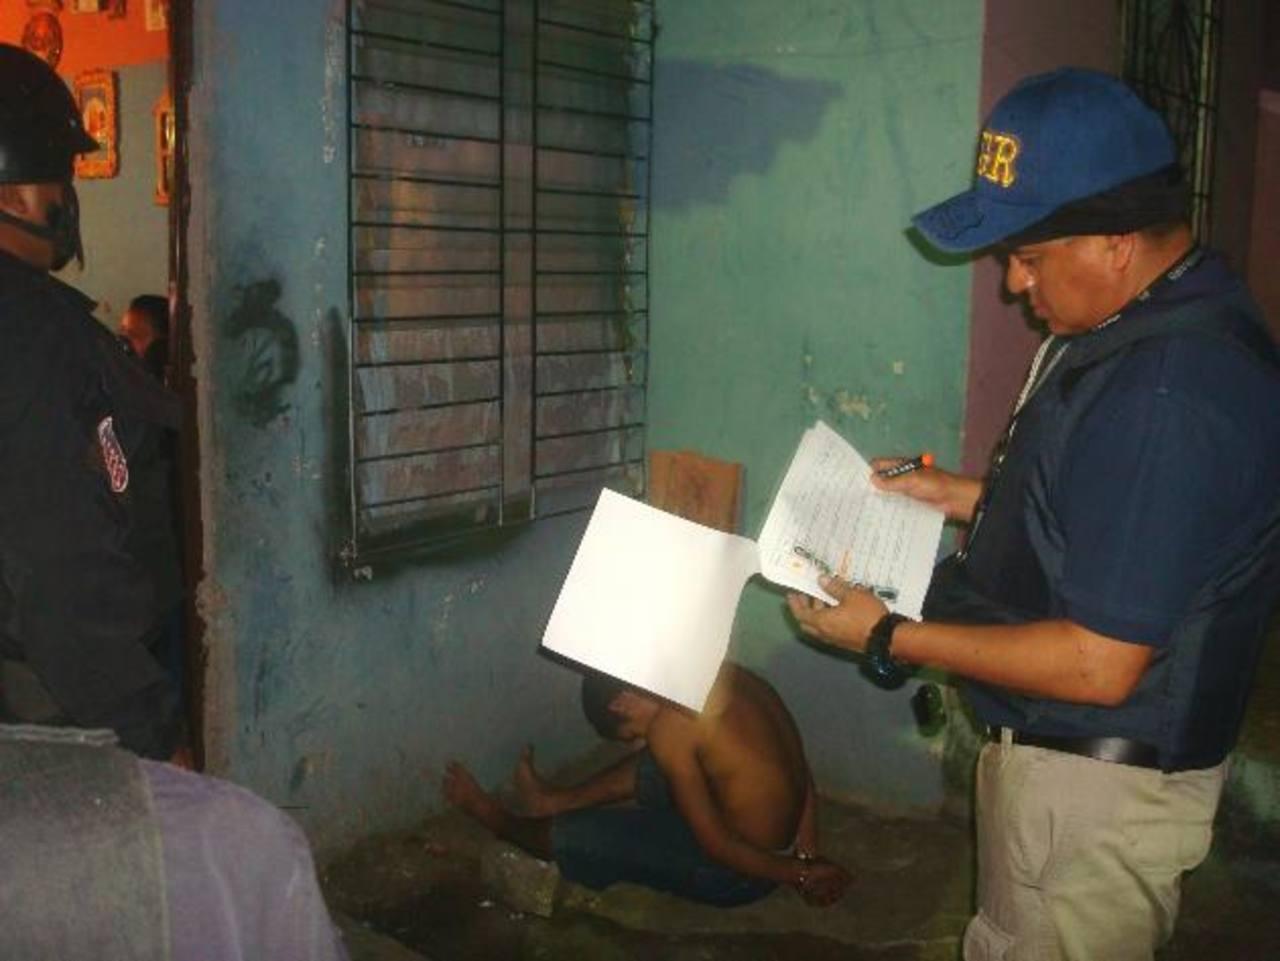 Fiscales verifican la identidad de los sujetos con las órdenes de capturas. La mayoría de las capturas fueron a supuestos miembros de la mara Salvatrucha. Foto EDH / Cortesía Fiscalía